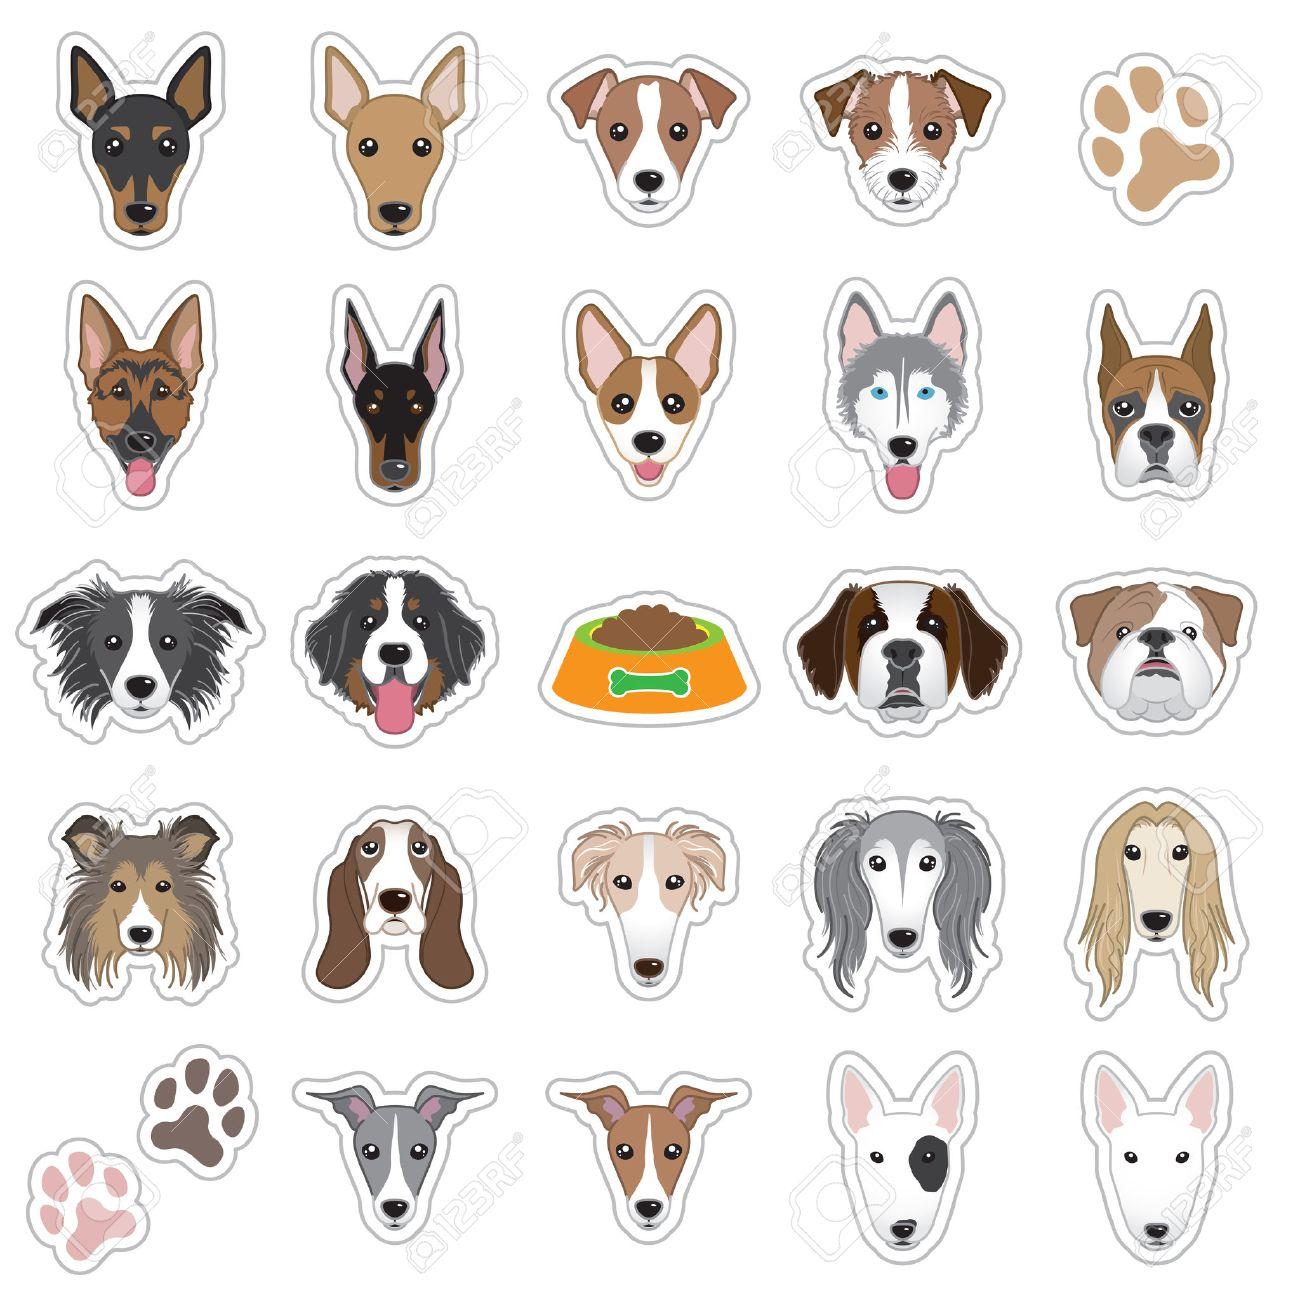 犬の顔のイラストのイラスト素材ベクタ Image 34037828